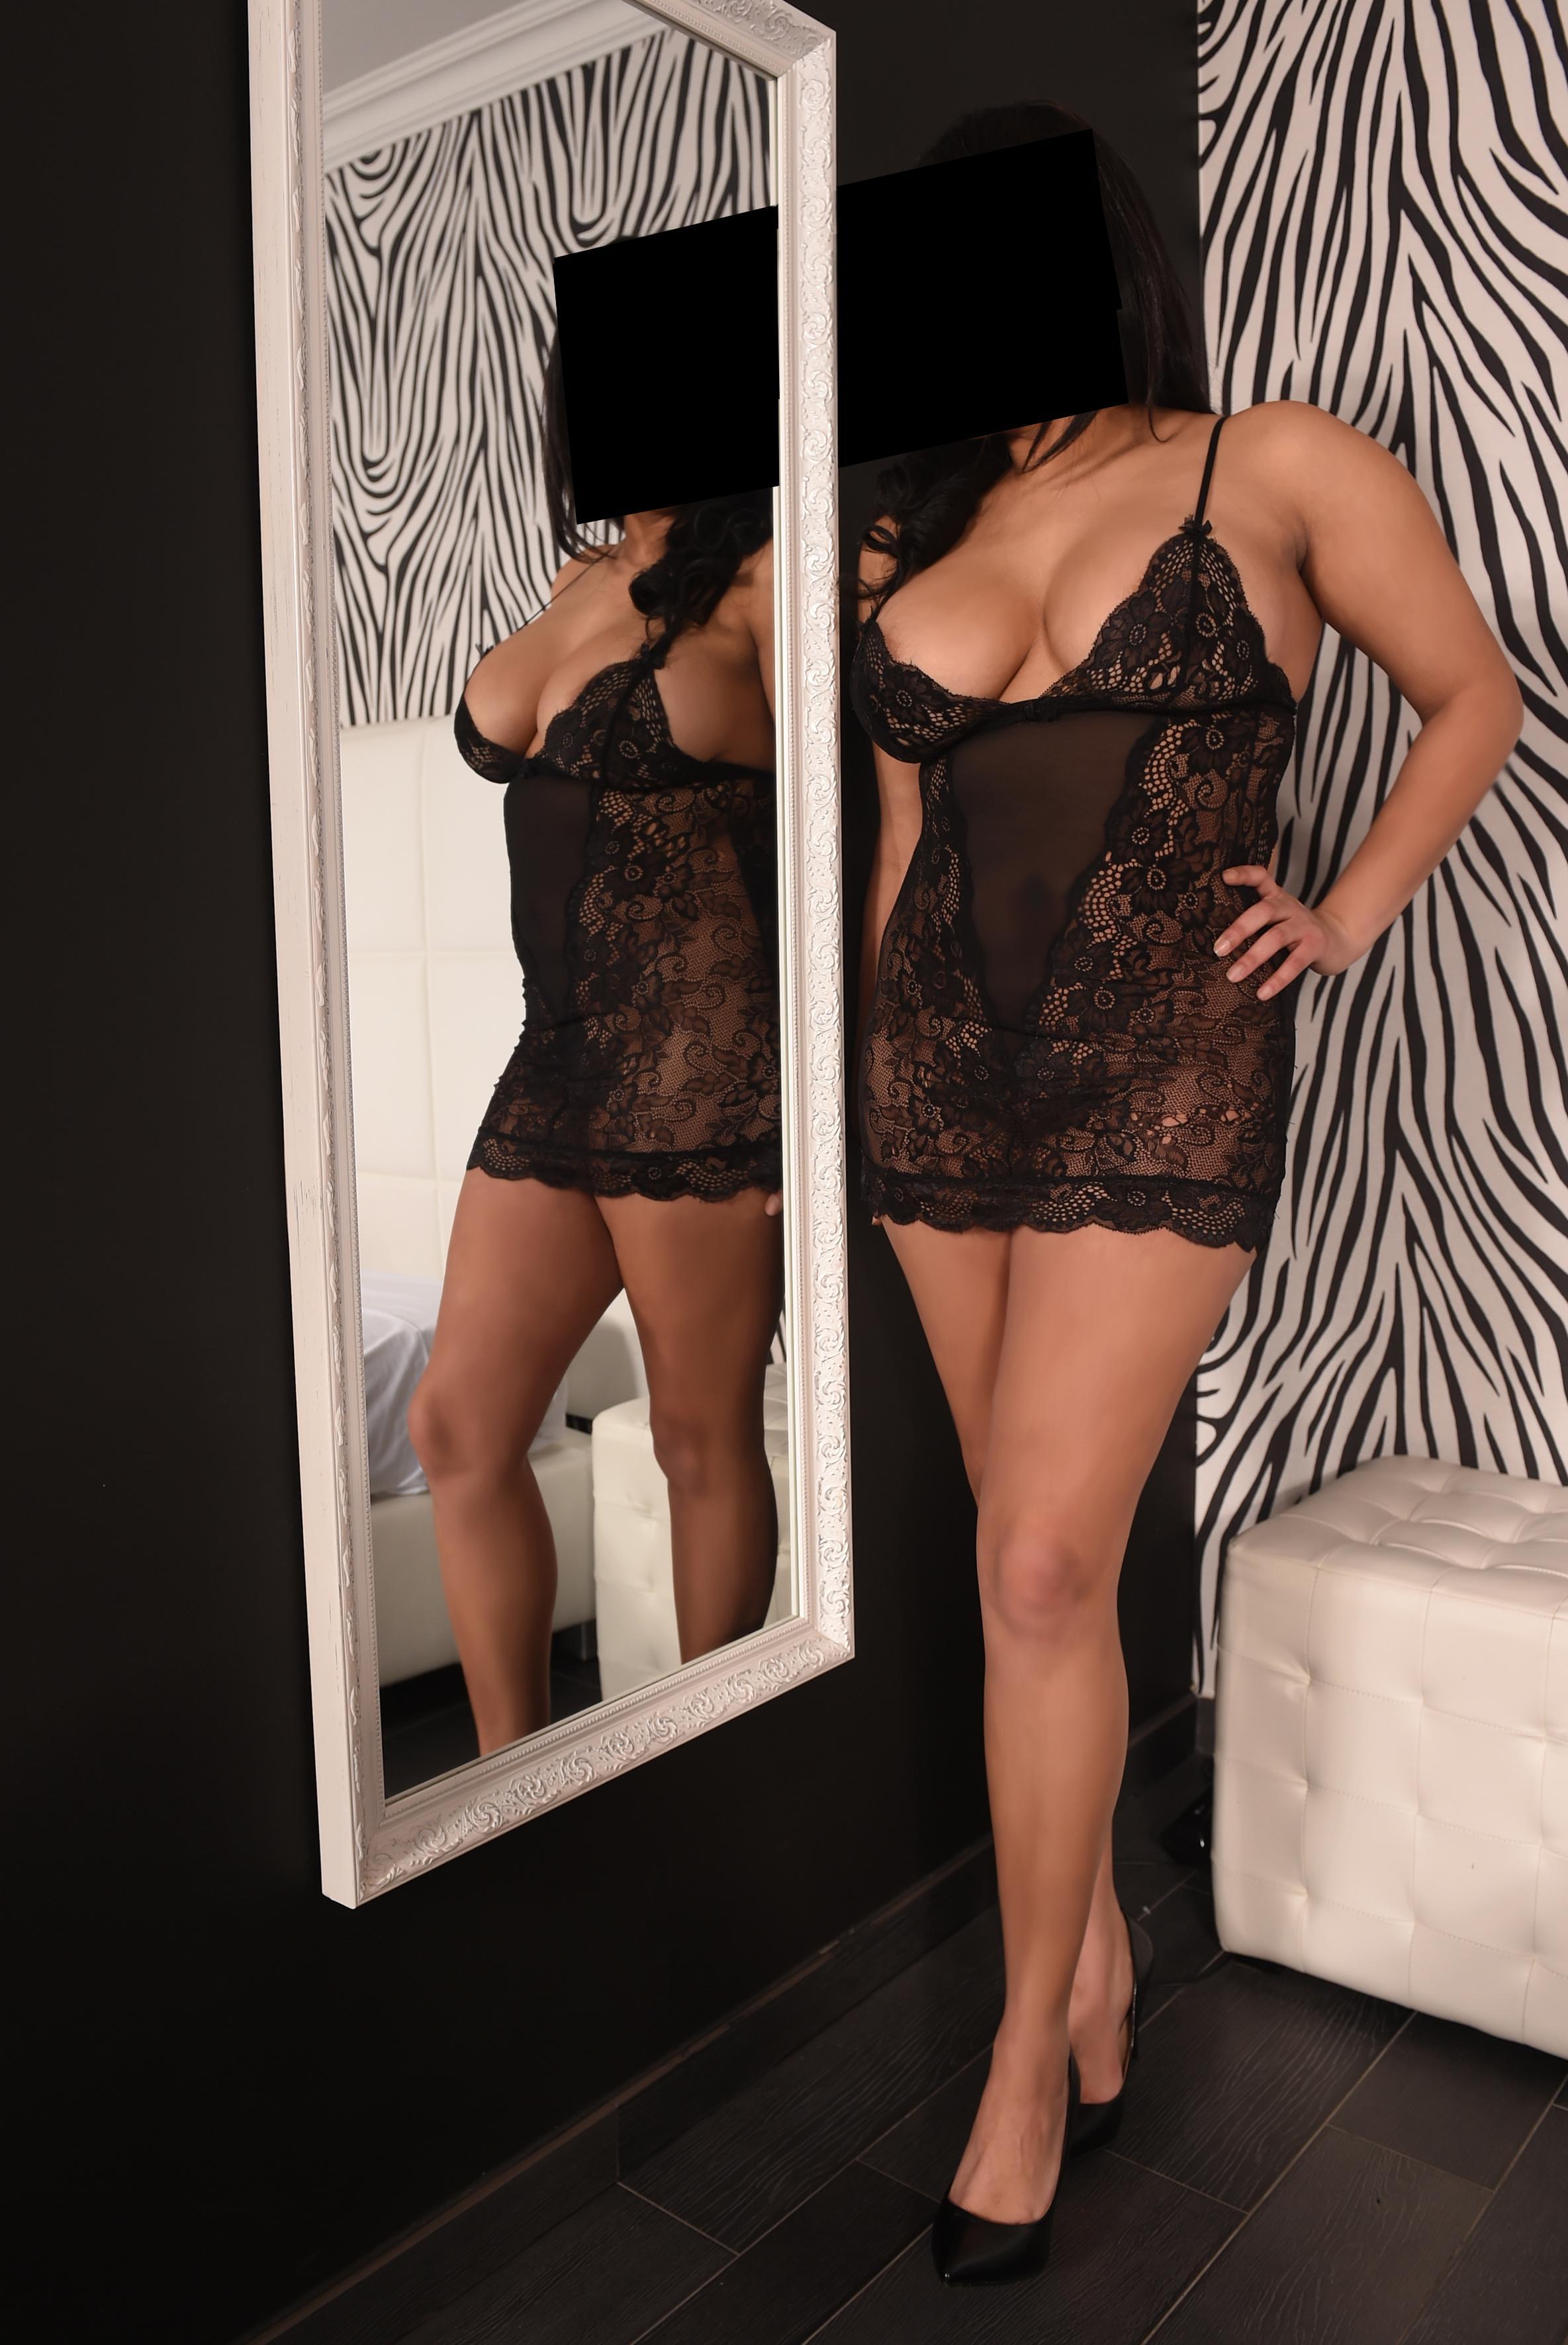 Yasmine from Elle Agency